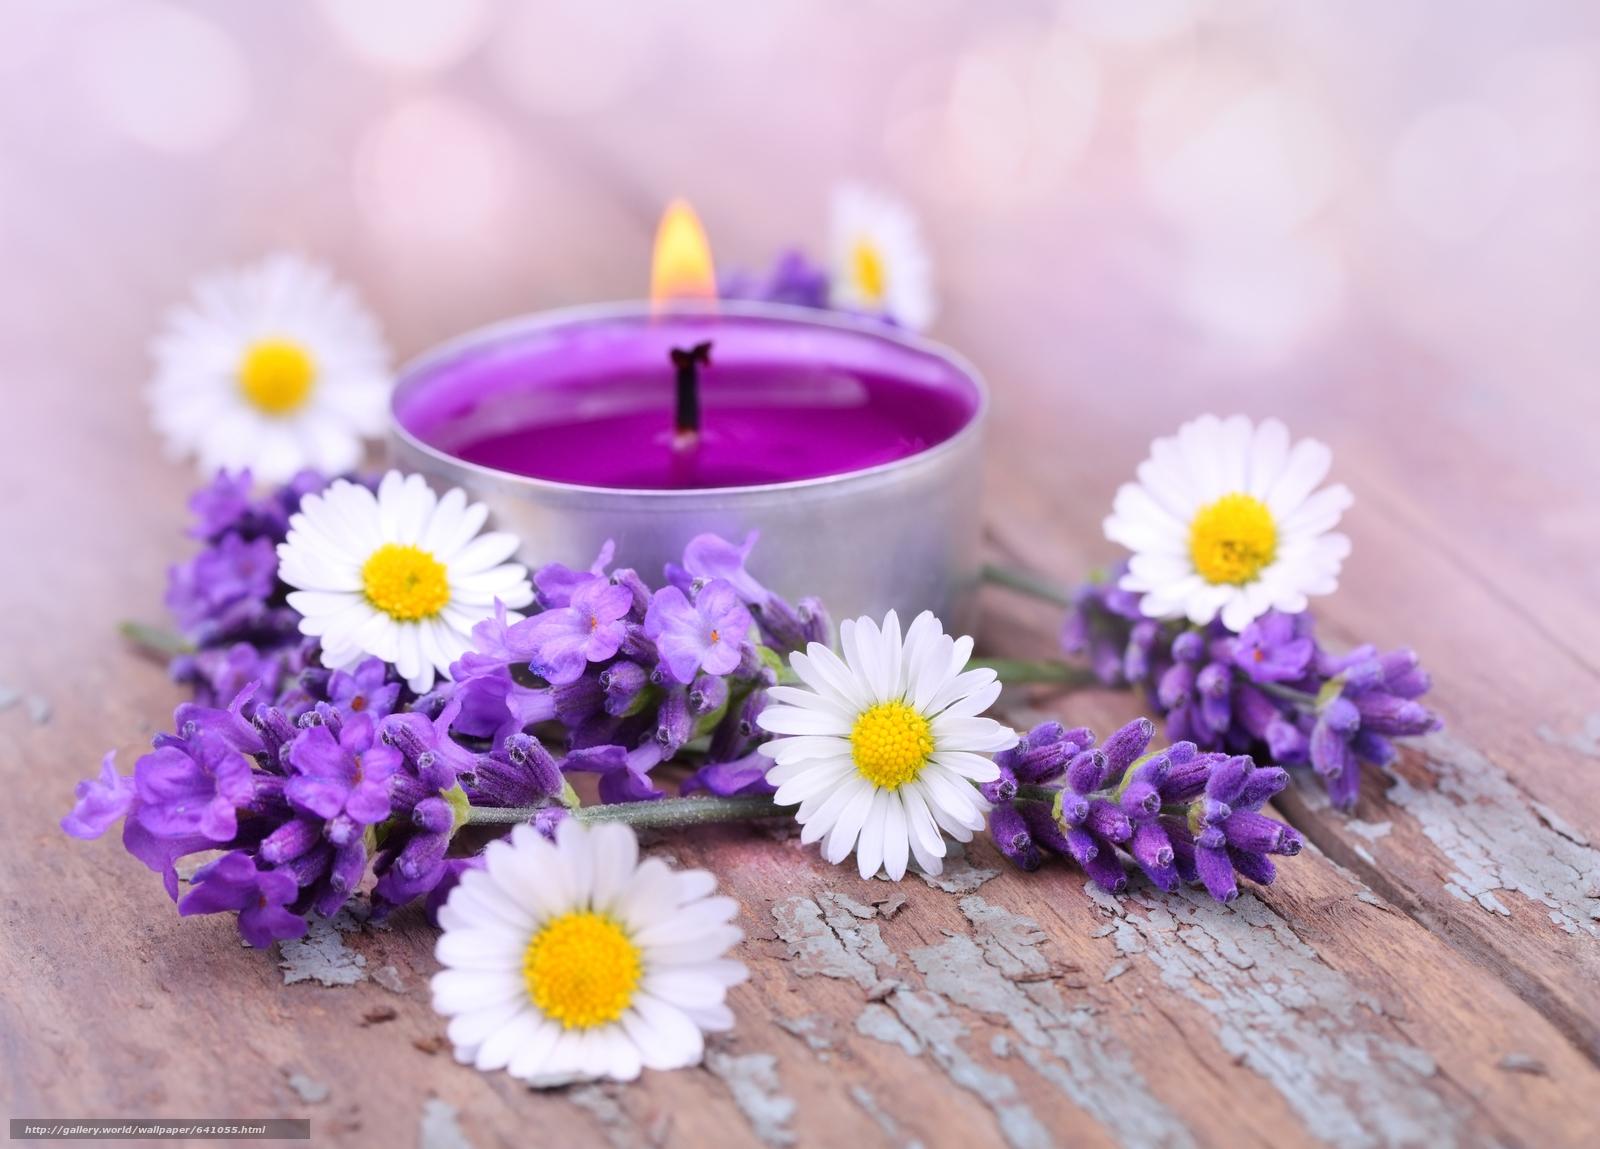 Скачать обои цветы,  лаванда,  ромашки,  свеча бесплатно для рабочего стола в разрешении 6272x4504 — картинка №641055